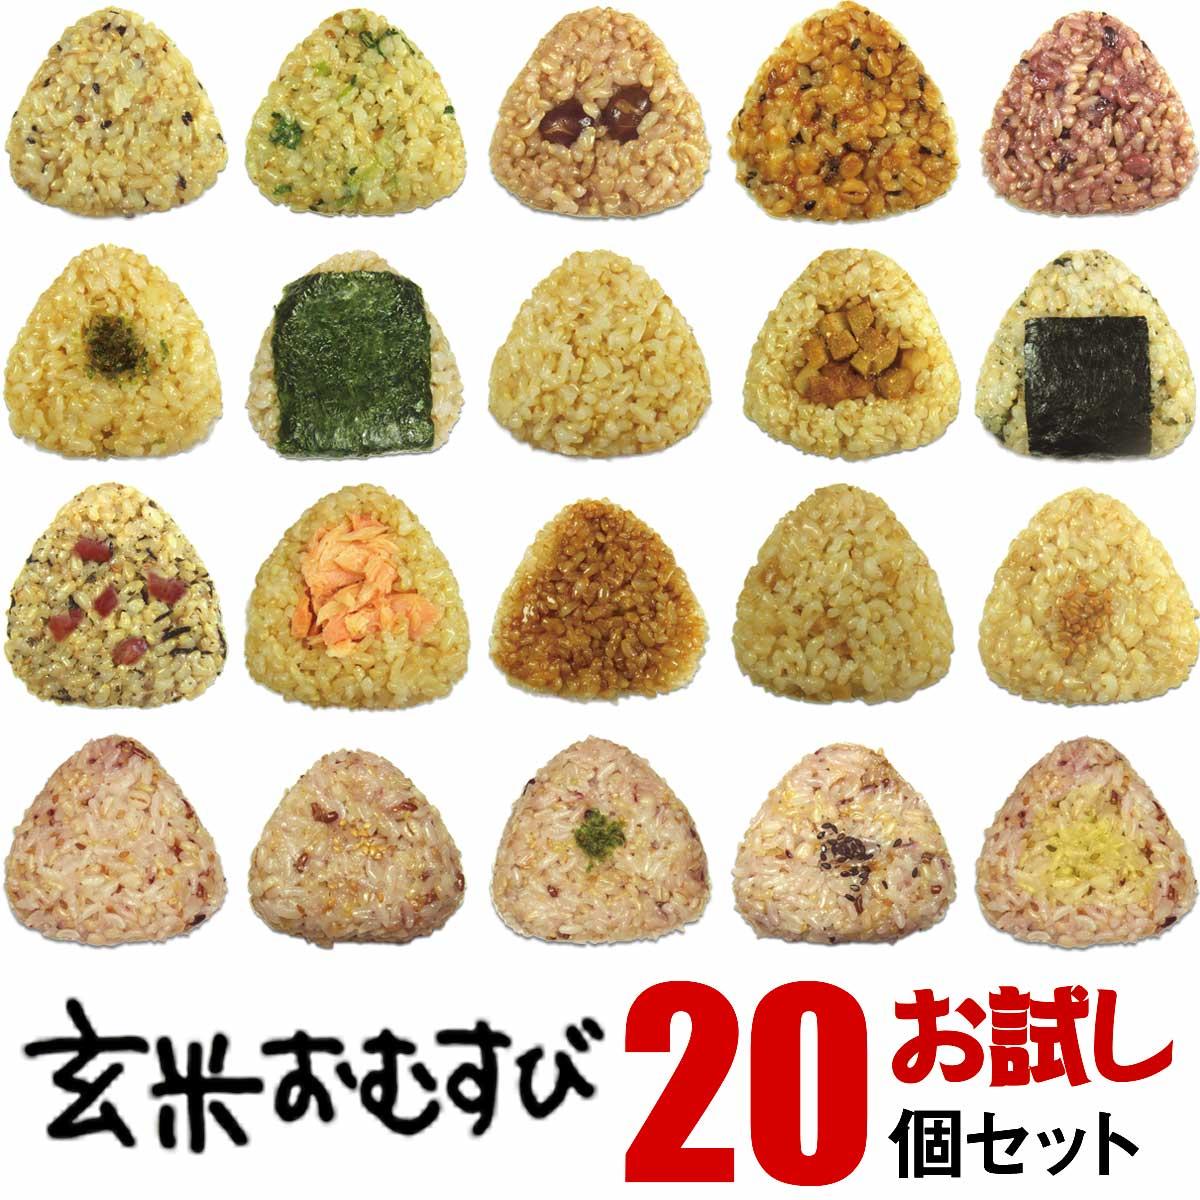 【はじめて当店をご利用になる方限定!】  送料無料お試しセット!冷凍 玄米 おにぎり 玄むす お試し20個セット  [ 手作りの 玄米おむすび です]